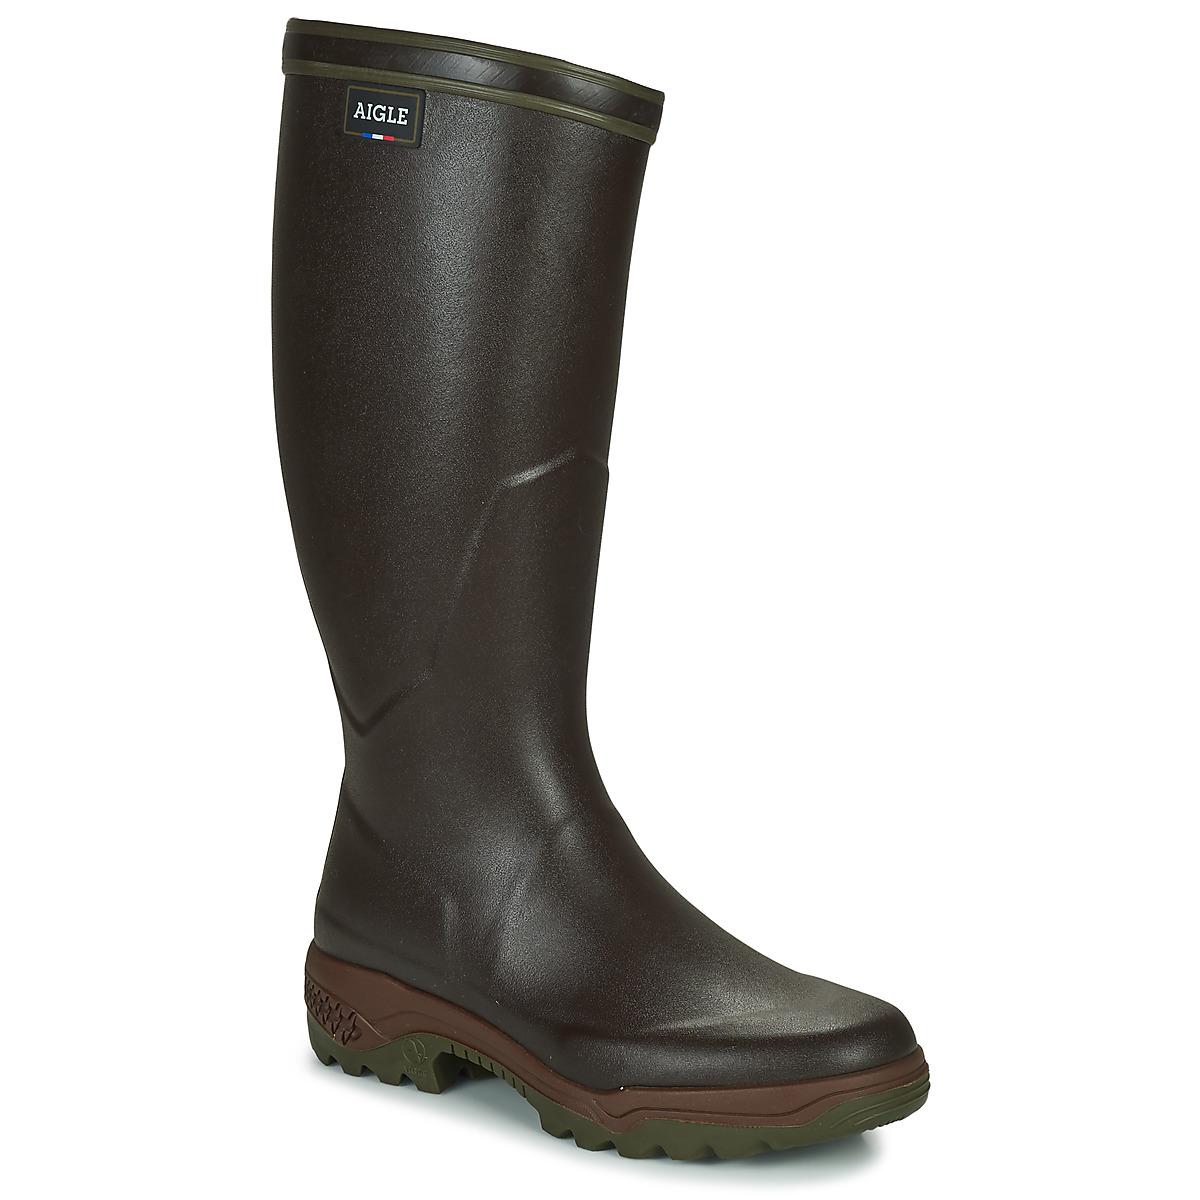 aigle parcours 2 brun livraison gratuite avec chaussures bottes de pluie homme. Black Bedroom Furniture Sets. Home Design Ideas